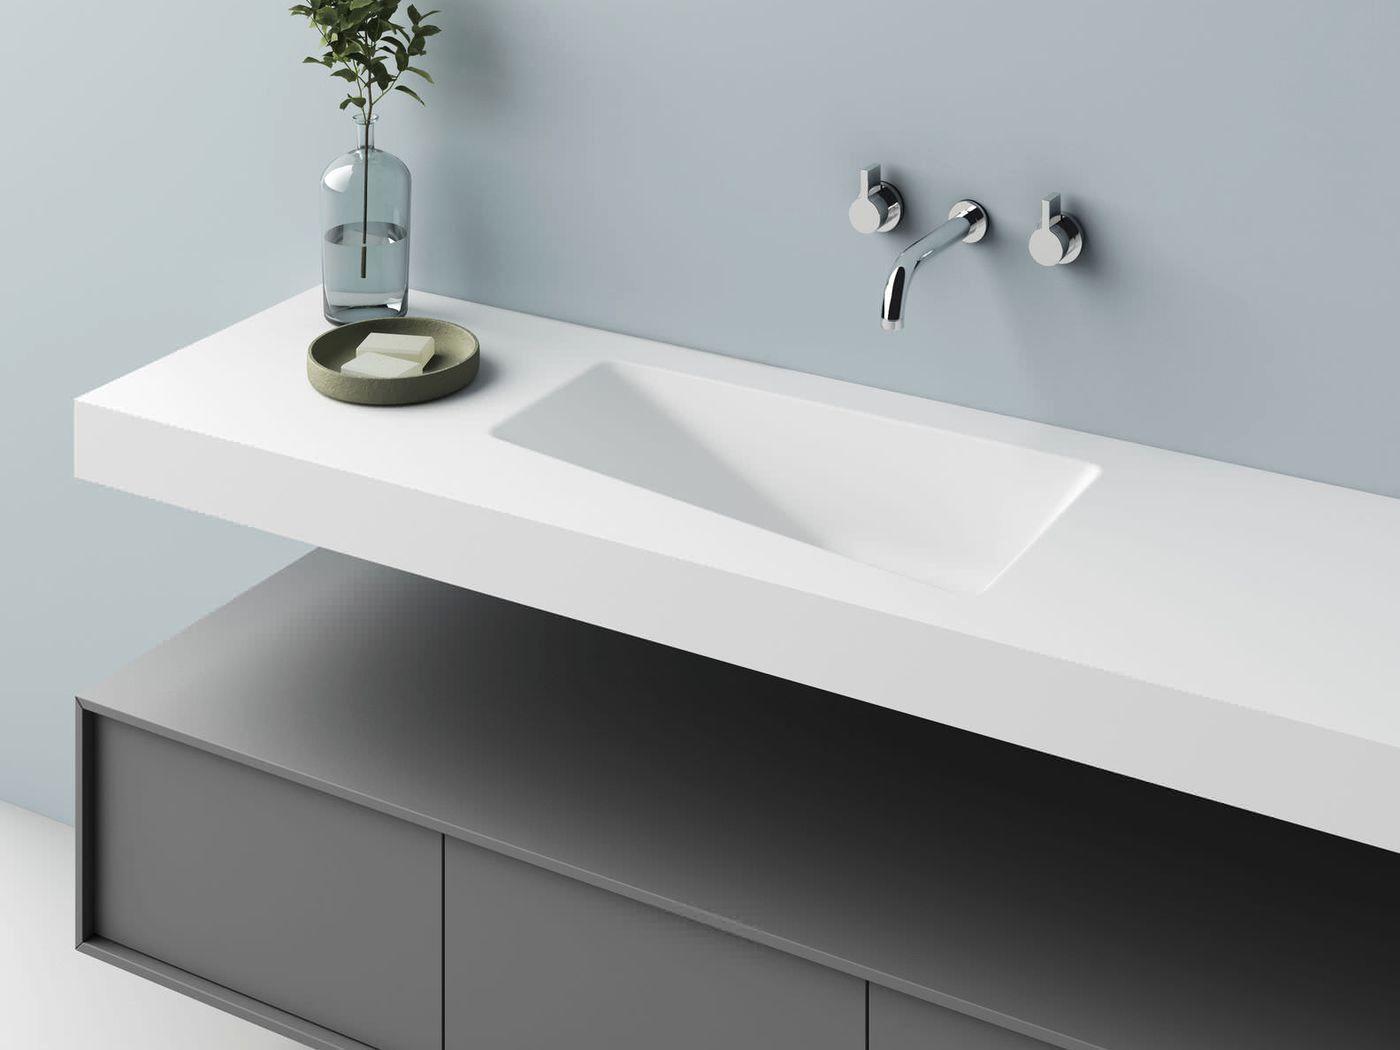 Plan Vasque Sur Mesure Frais Plan Vasque Poser Best Vasque Carre Poser Bali Porcelaine Hautcm Idee De La Maison Plan Vasque Vasque Design Buanderie